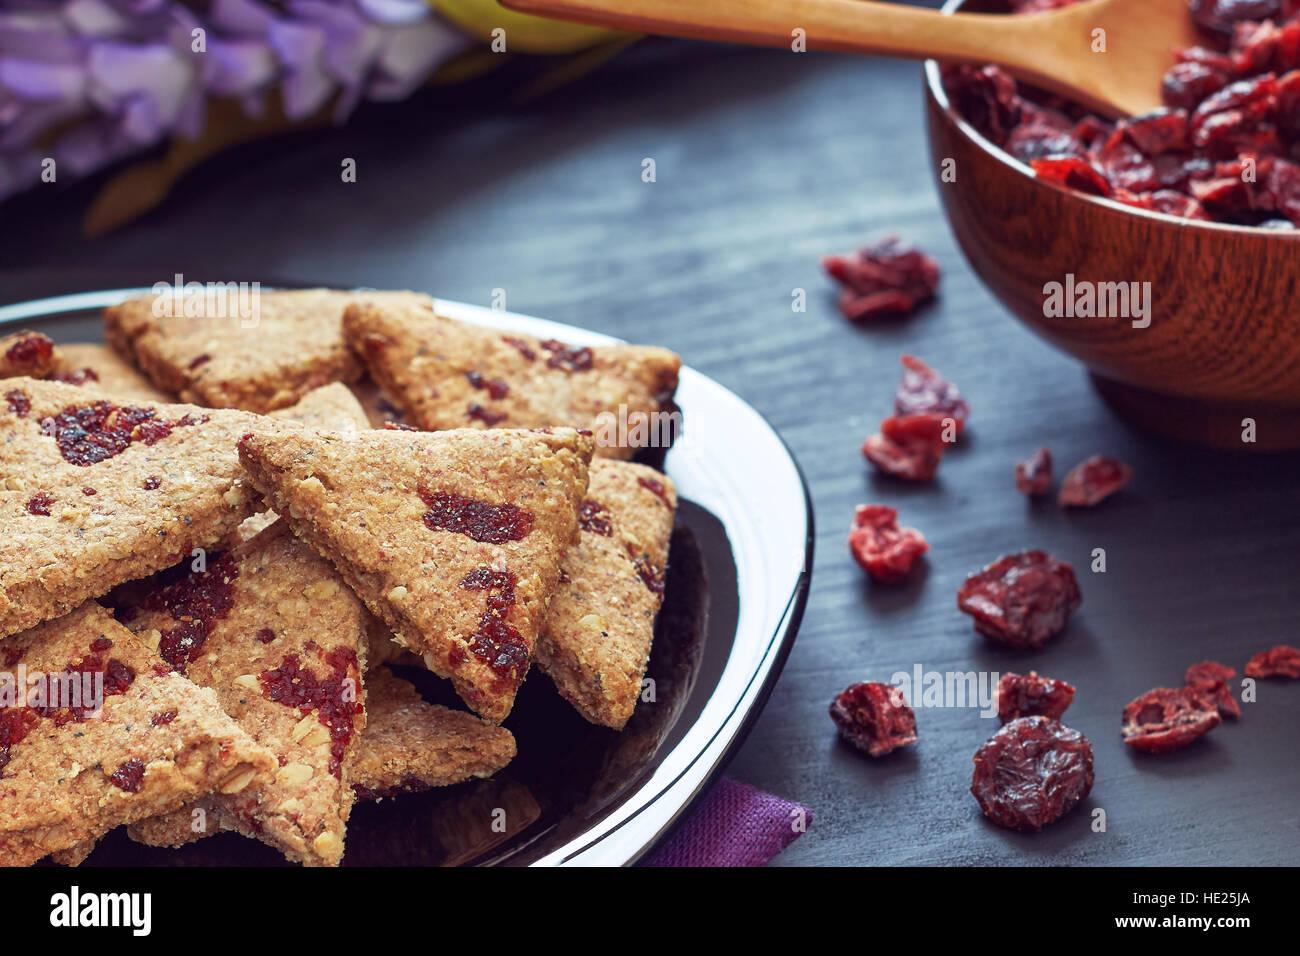 Les cookies de blé entier avec des canneberges sur fond de bois noir Photo Stock